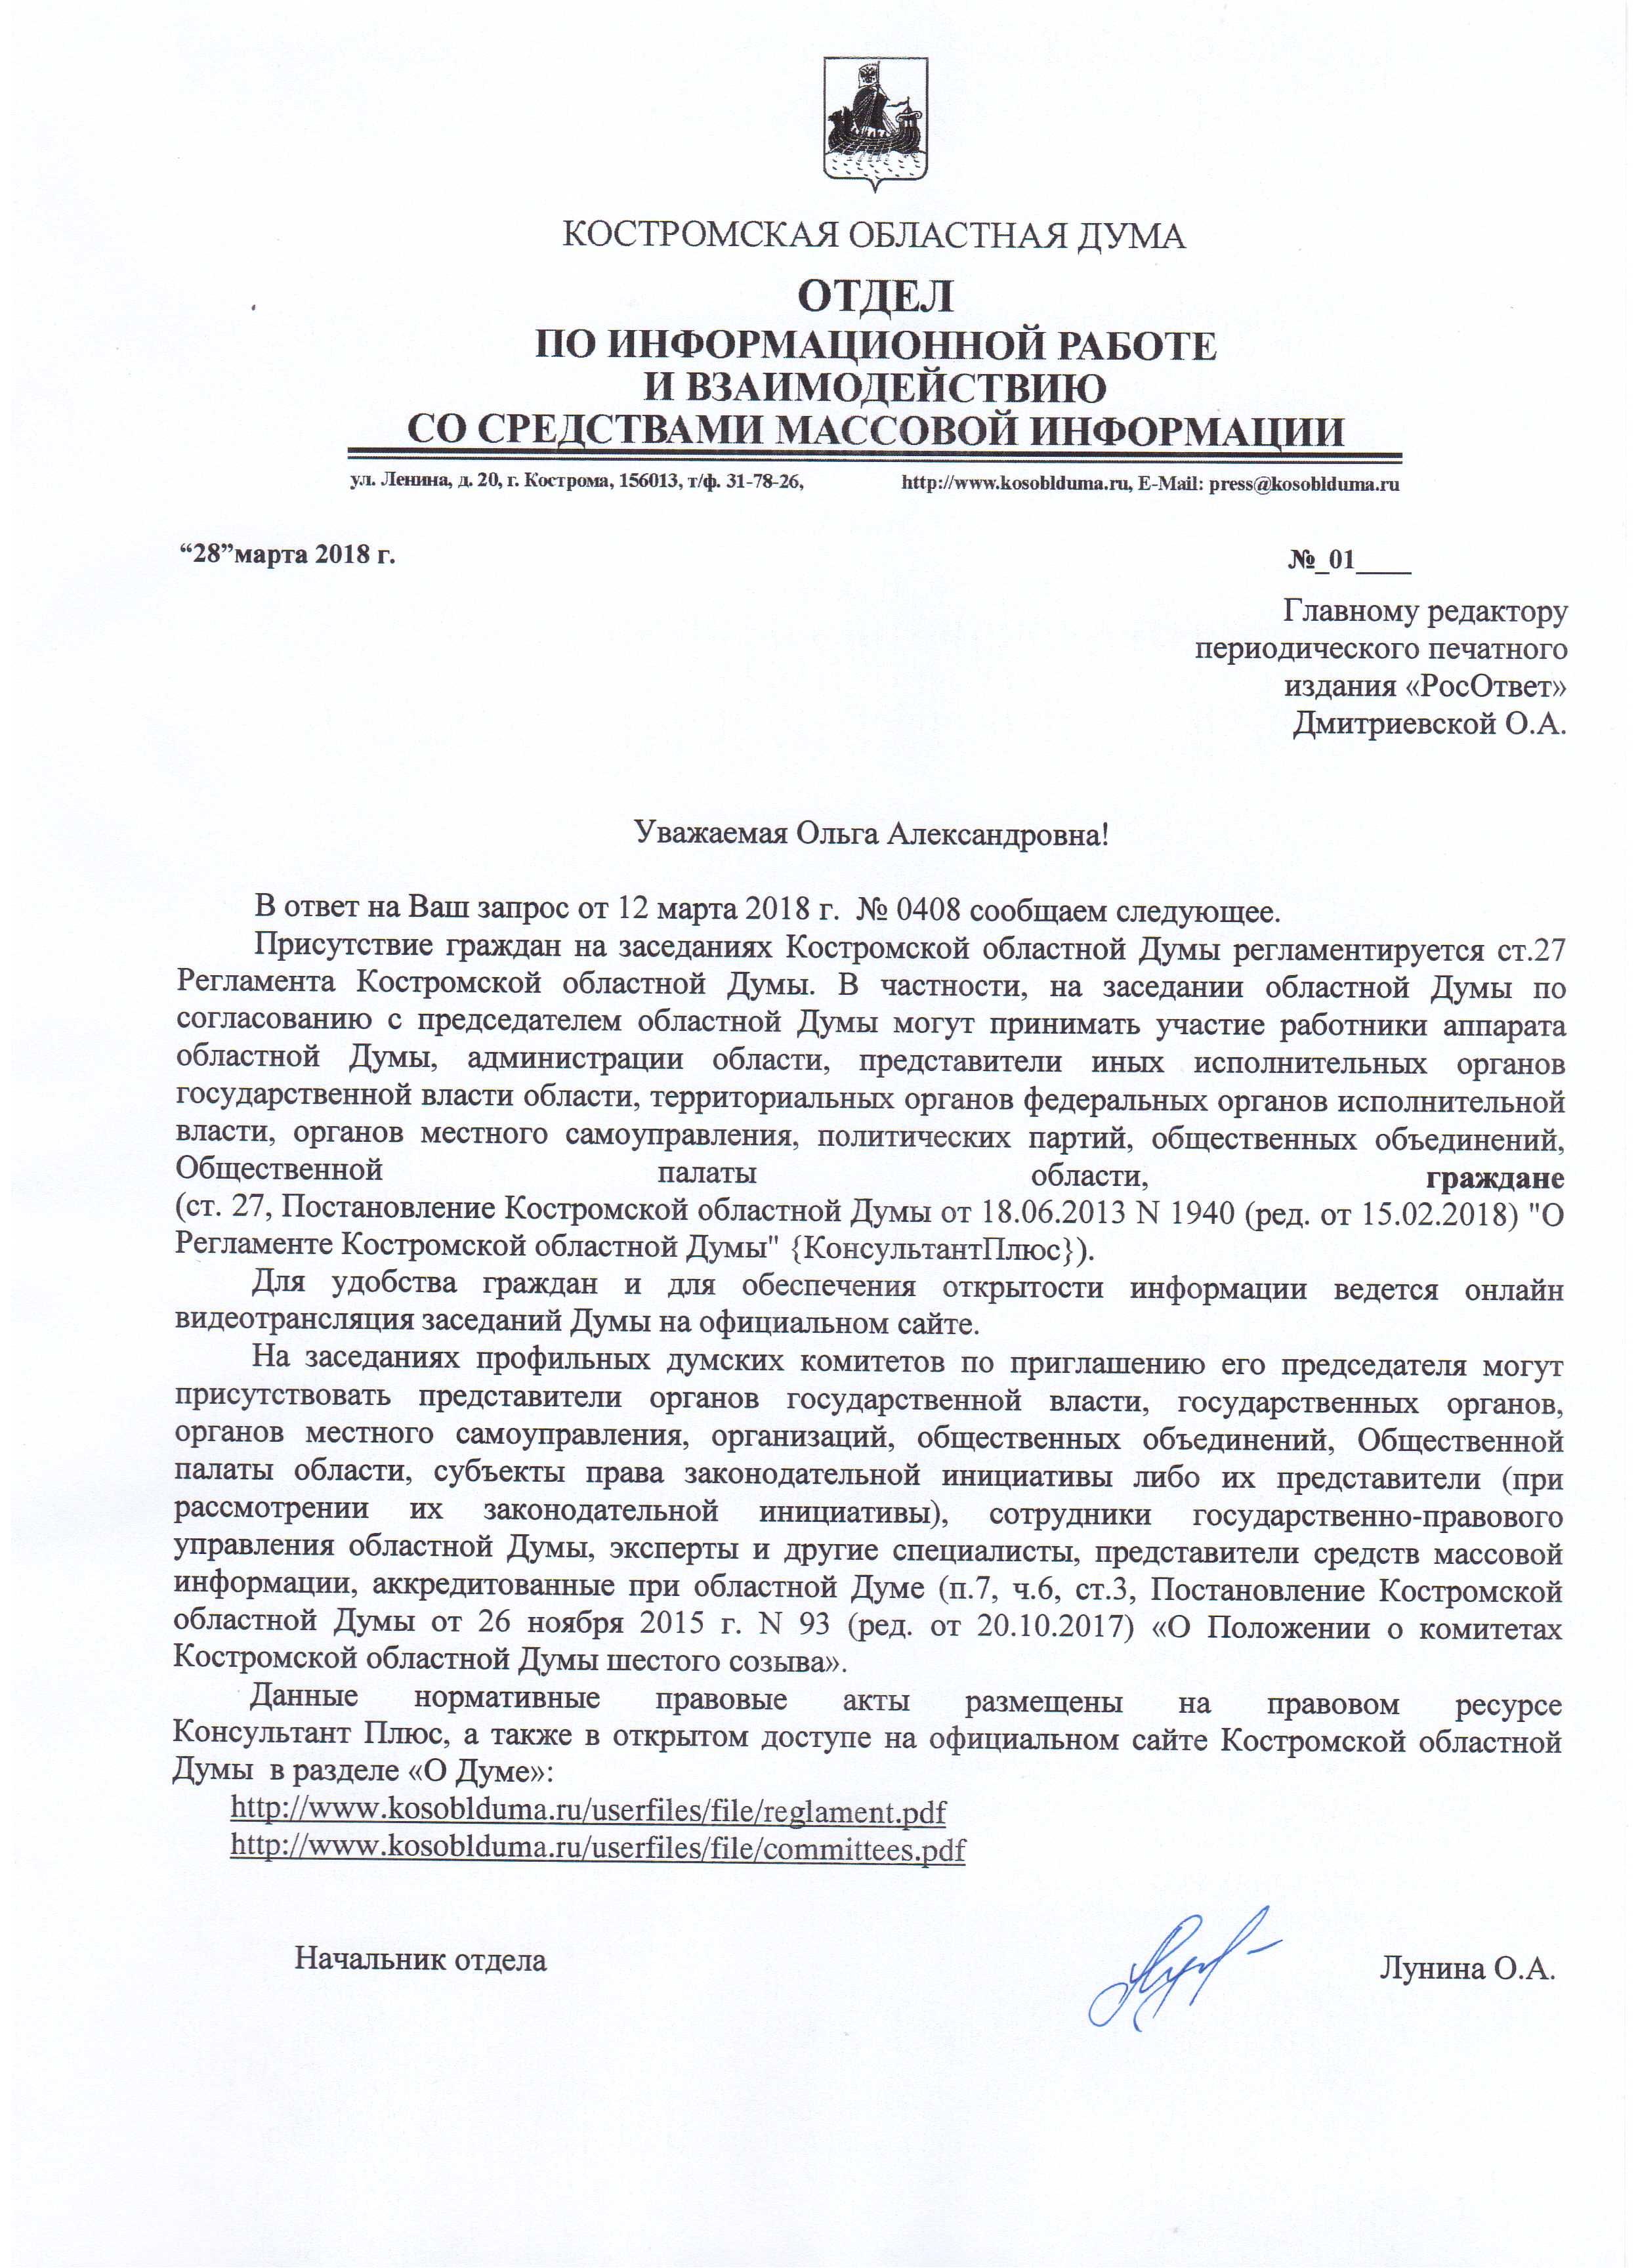 2018 Ответ из Костромской областной Думы о присутствии избирателей на заседаниях